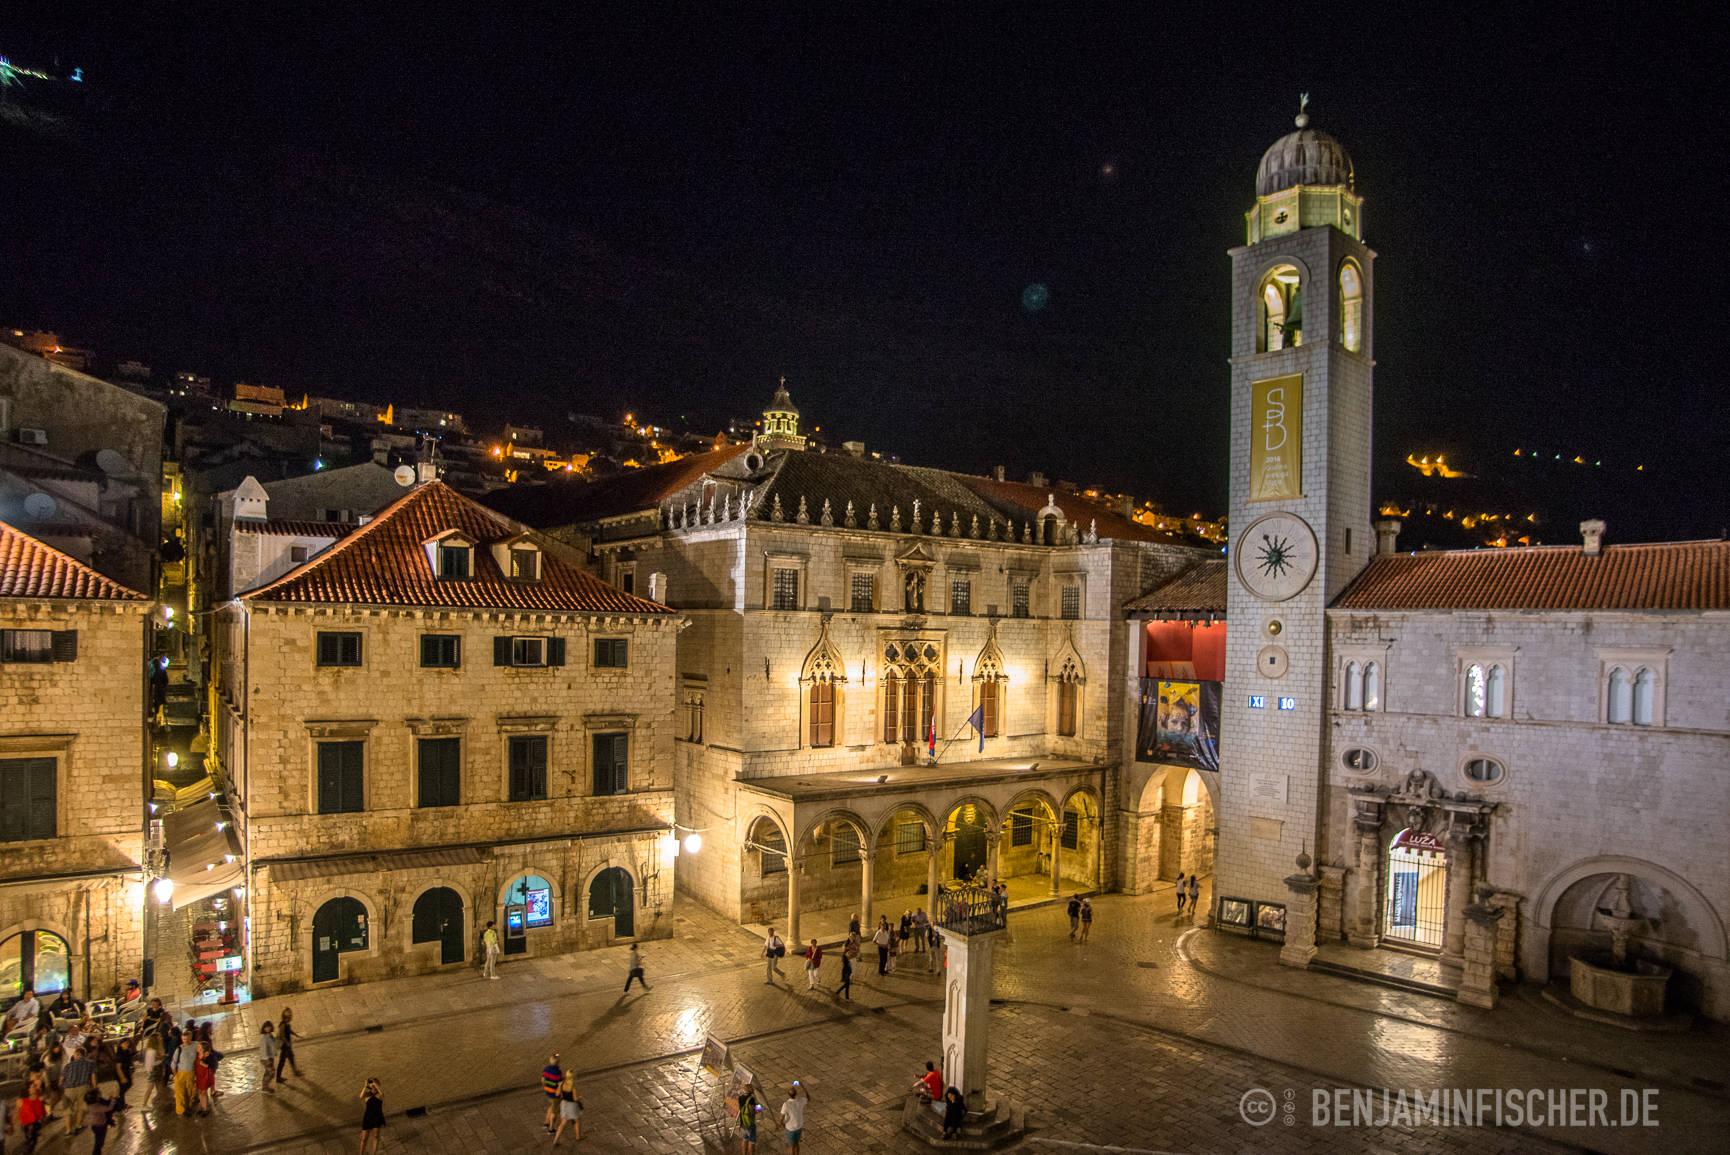 Der Hauptplatz von Dubrovnik bei Nacht.